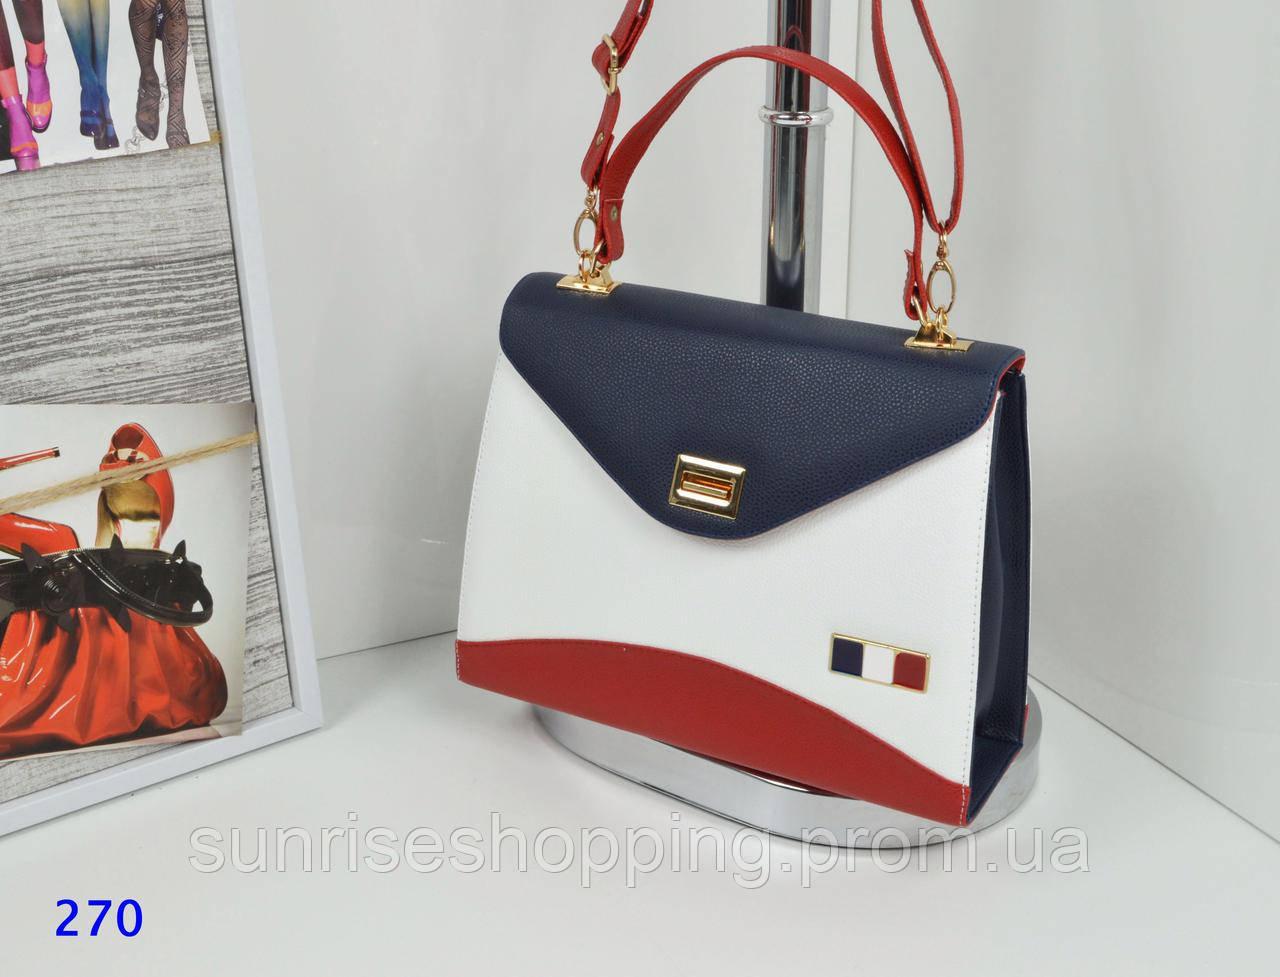 Яркая вместительная сумка в стиле Tommy Hilfiger сине-белого цвета -  Sunrise в Одессе 3fda3e518d0